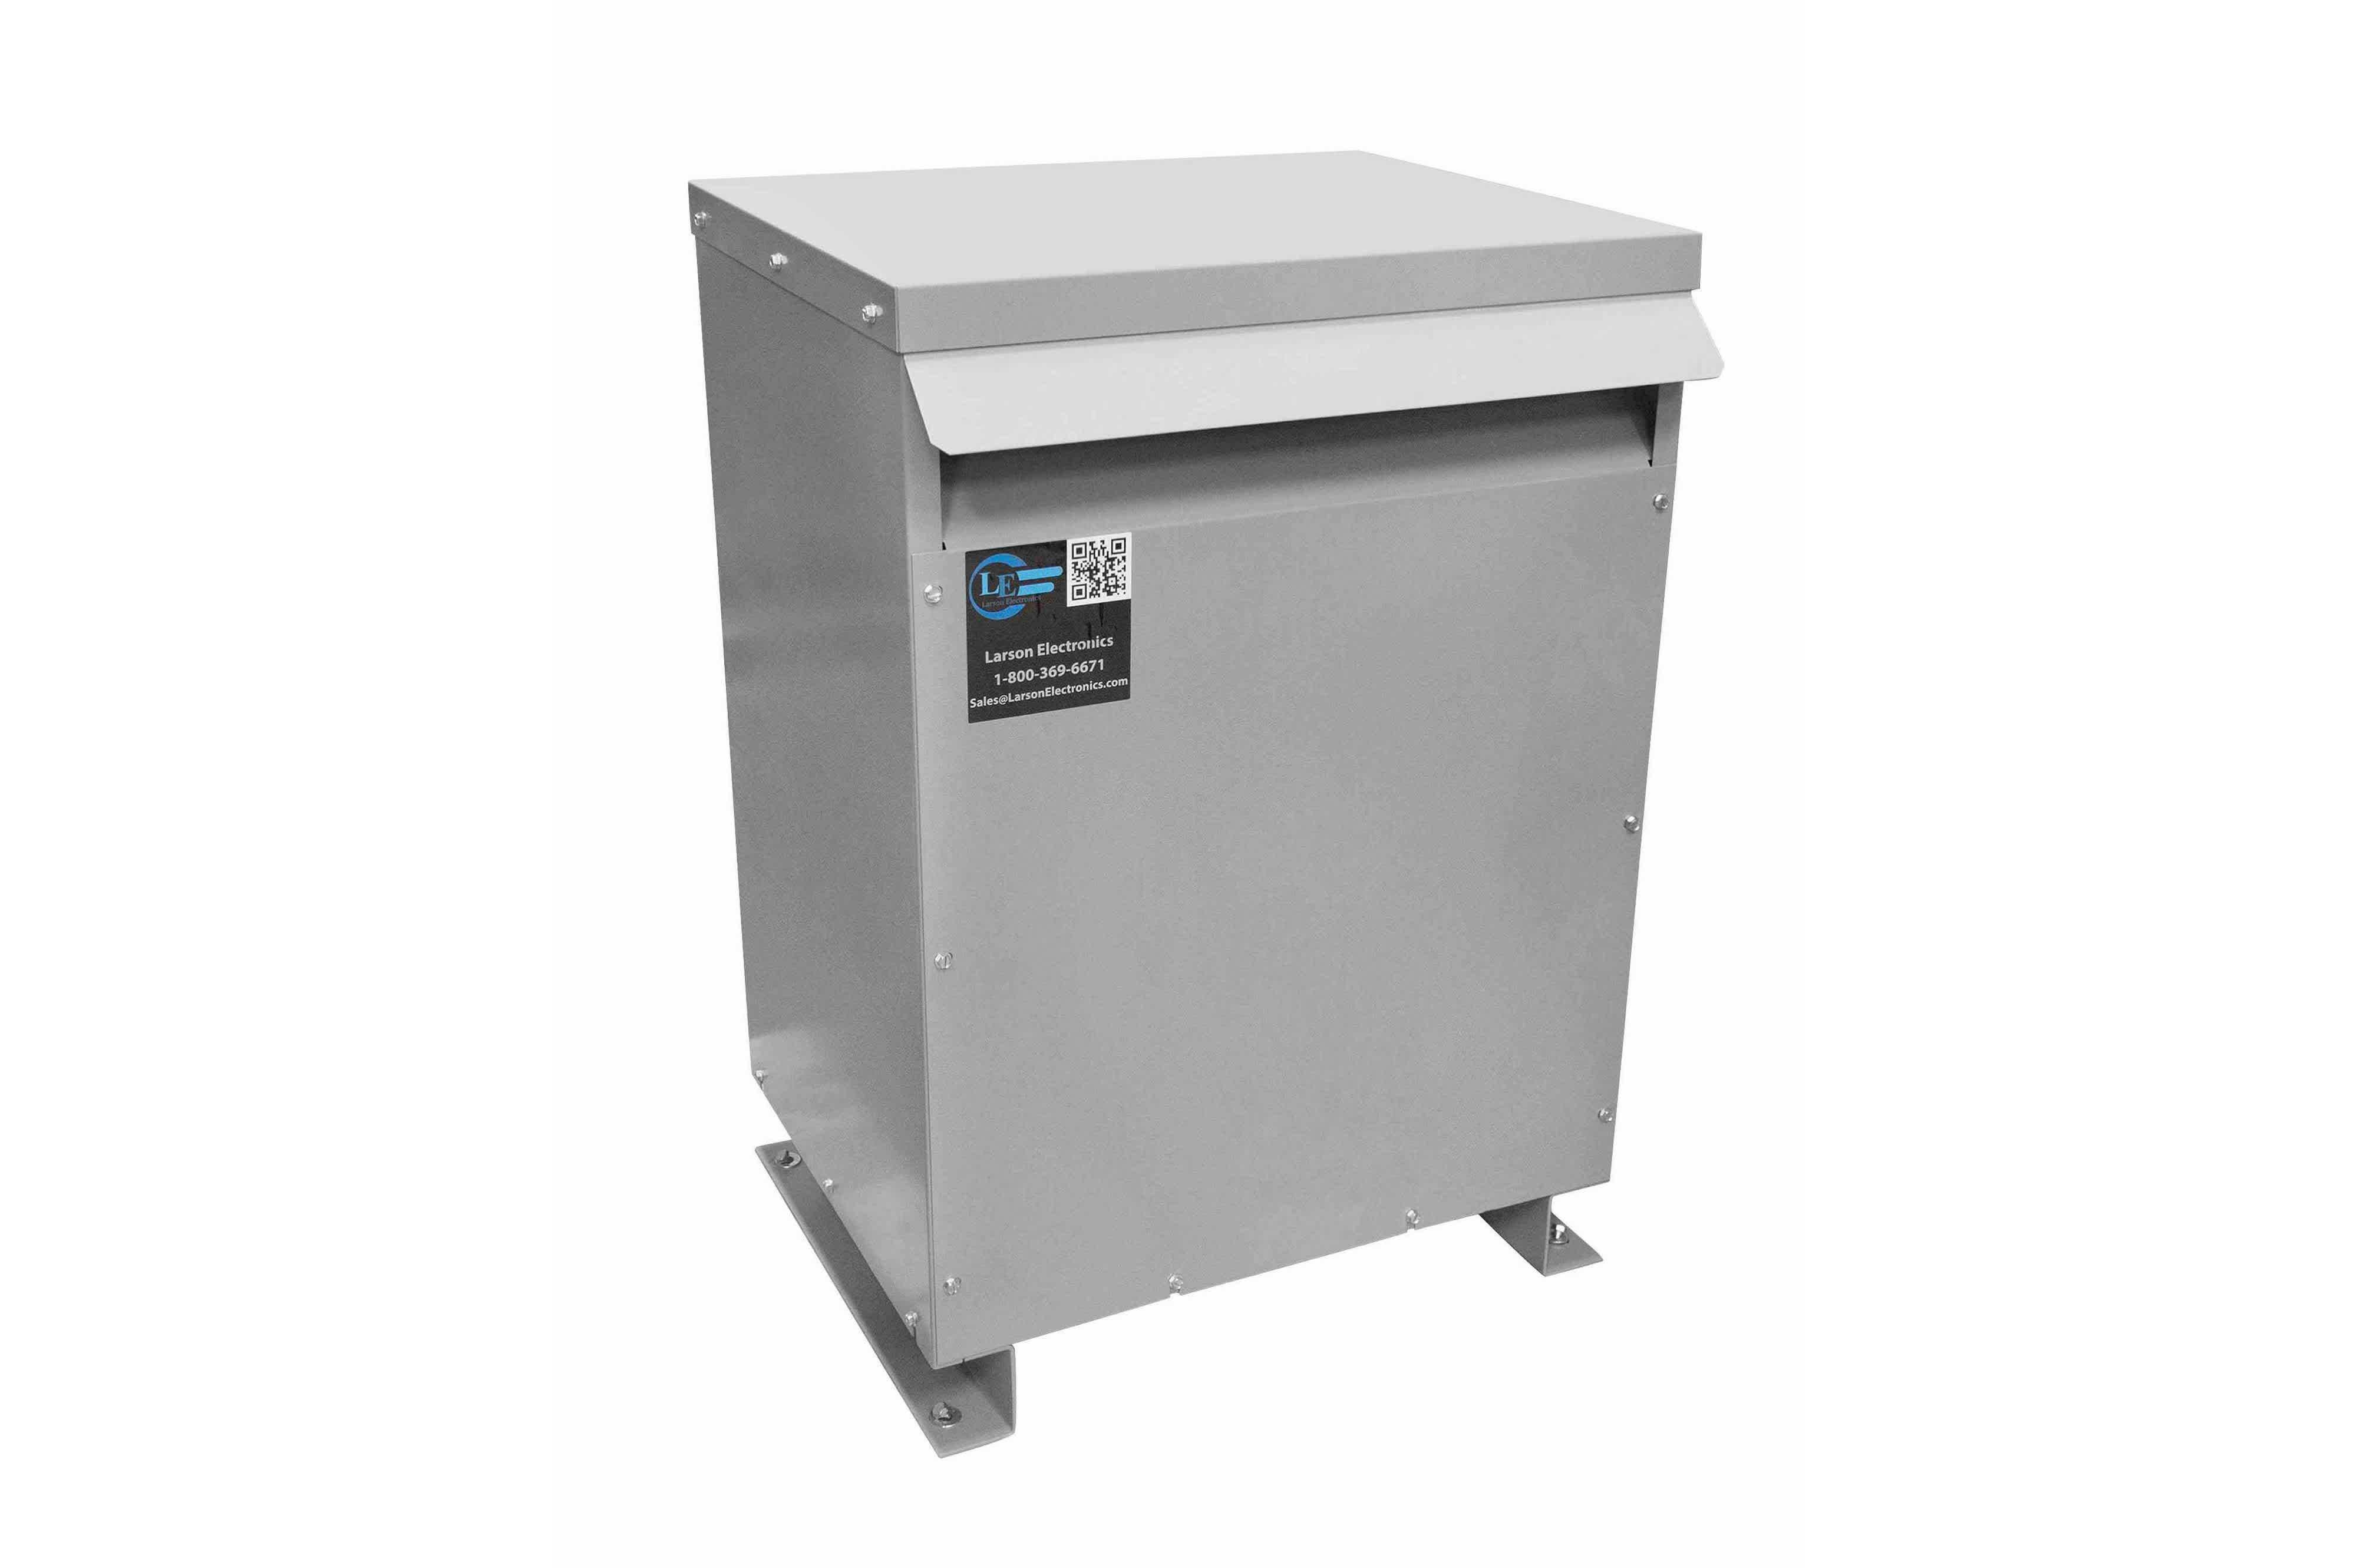 200 kVA 3PH Isolation Transformer, 240V Delta Primary, 400V Delta Secondary, N3R, Ventilated, 60 Hz